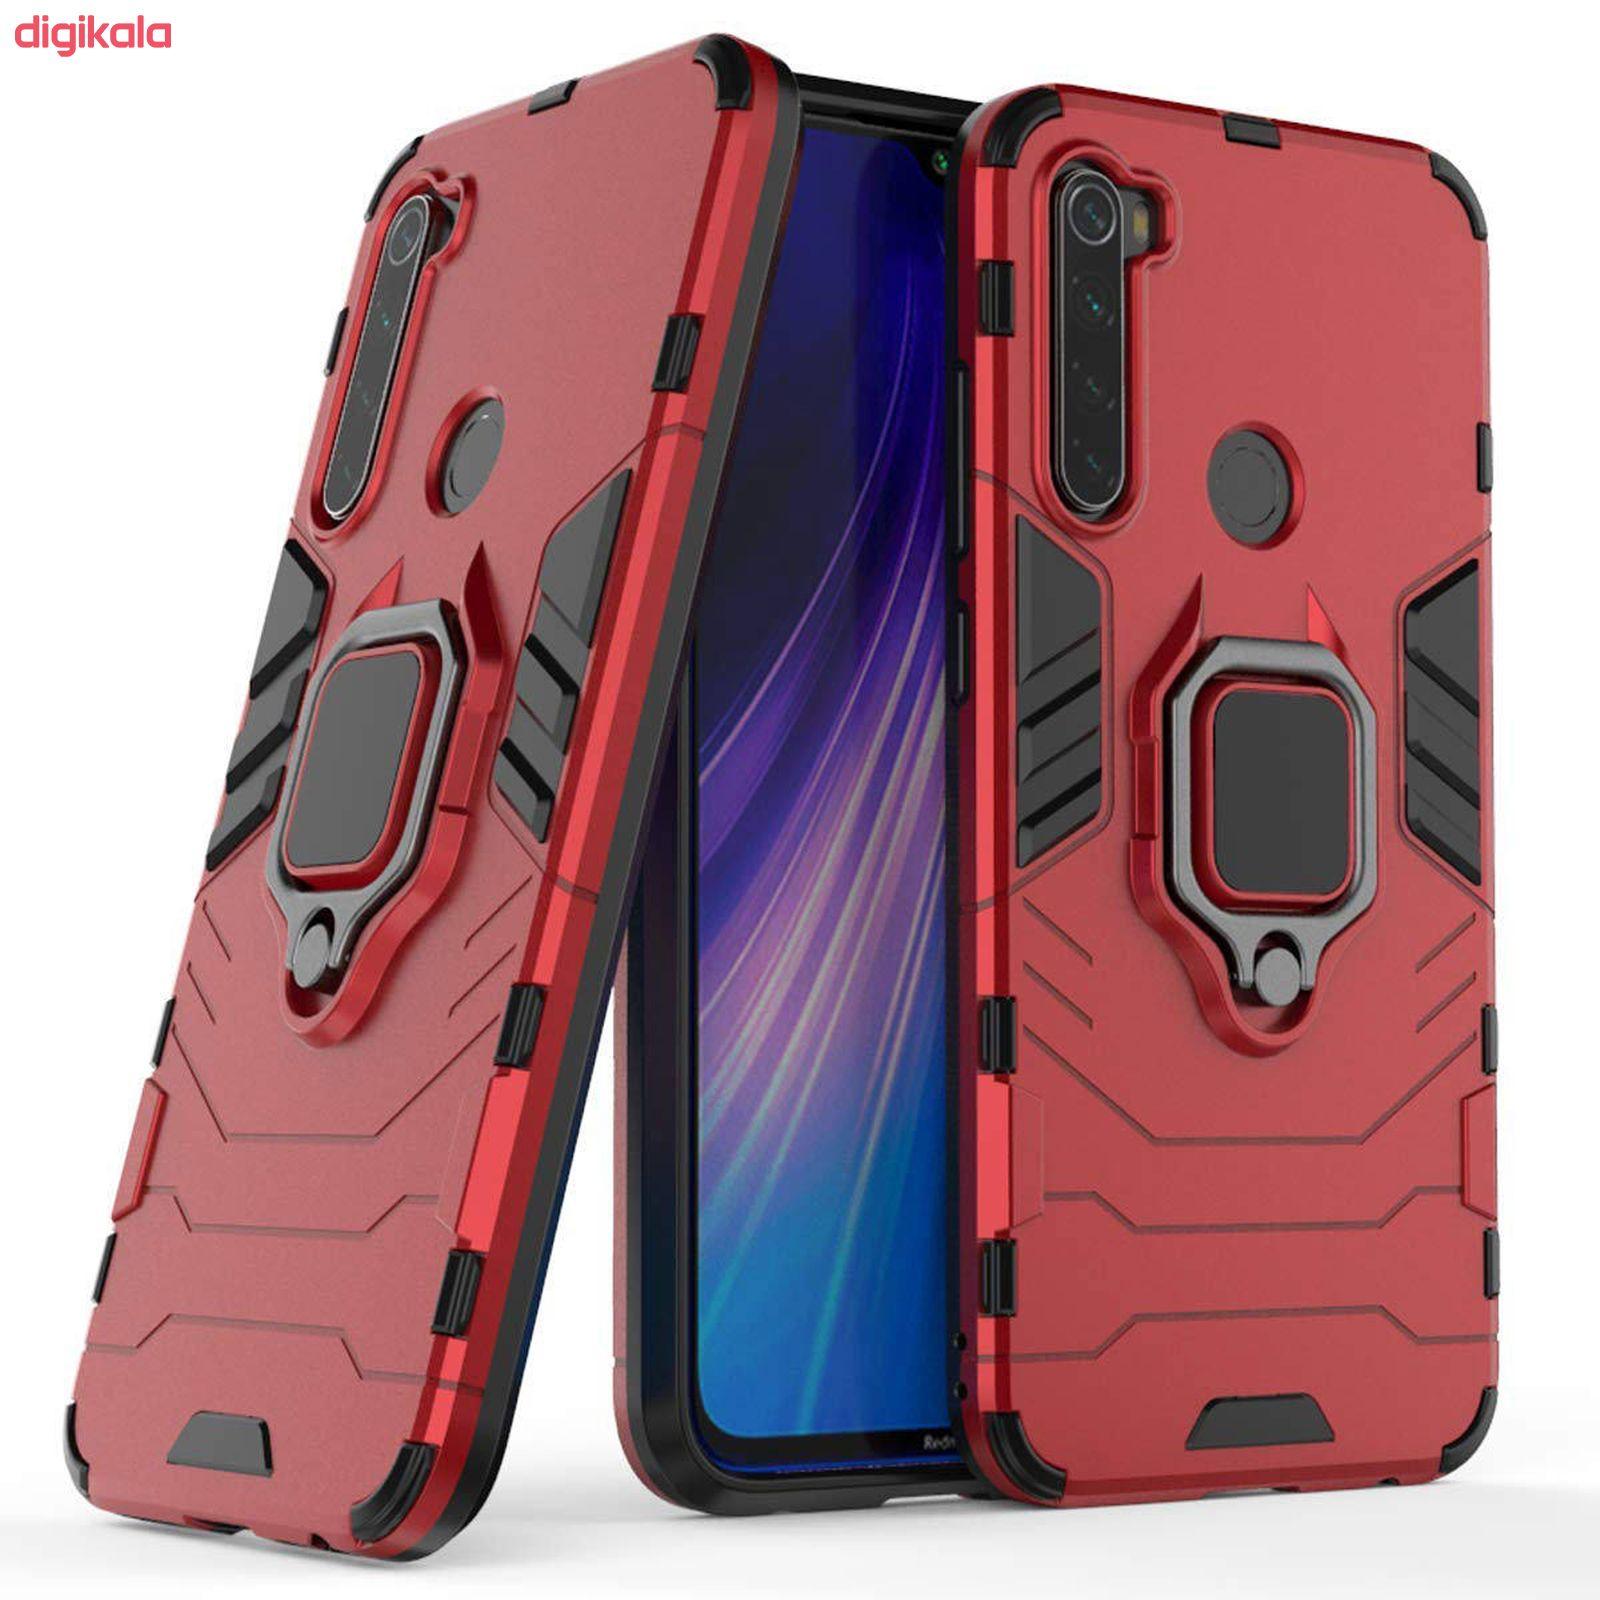 کاور کینگ پاور مدل ASH21 مناسب برای گوشی موبایل شیائومی Redmi Note 8 main 1 13